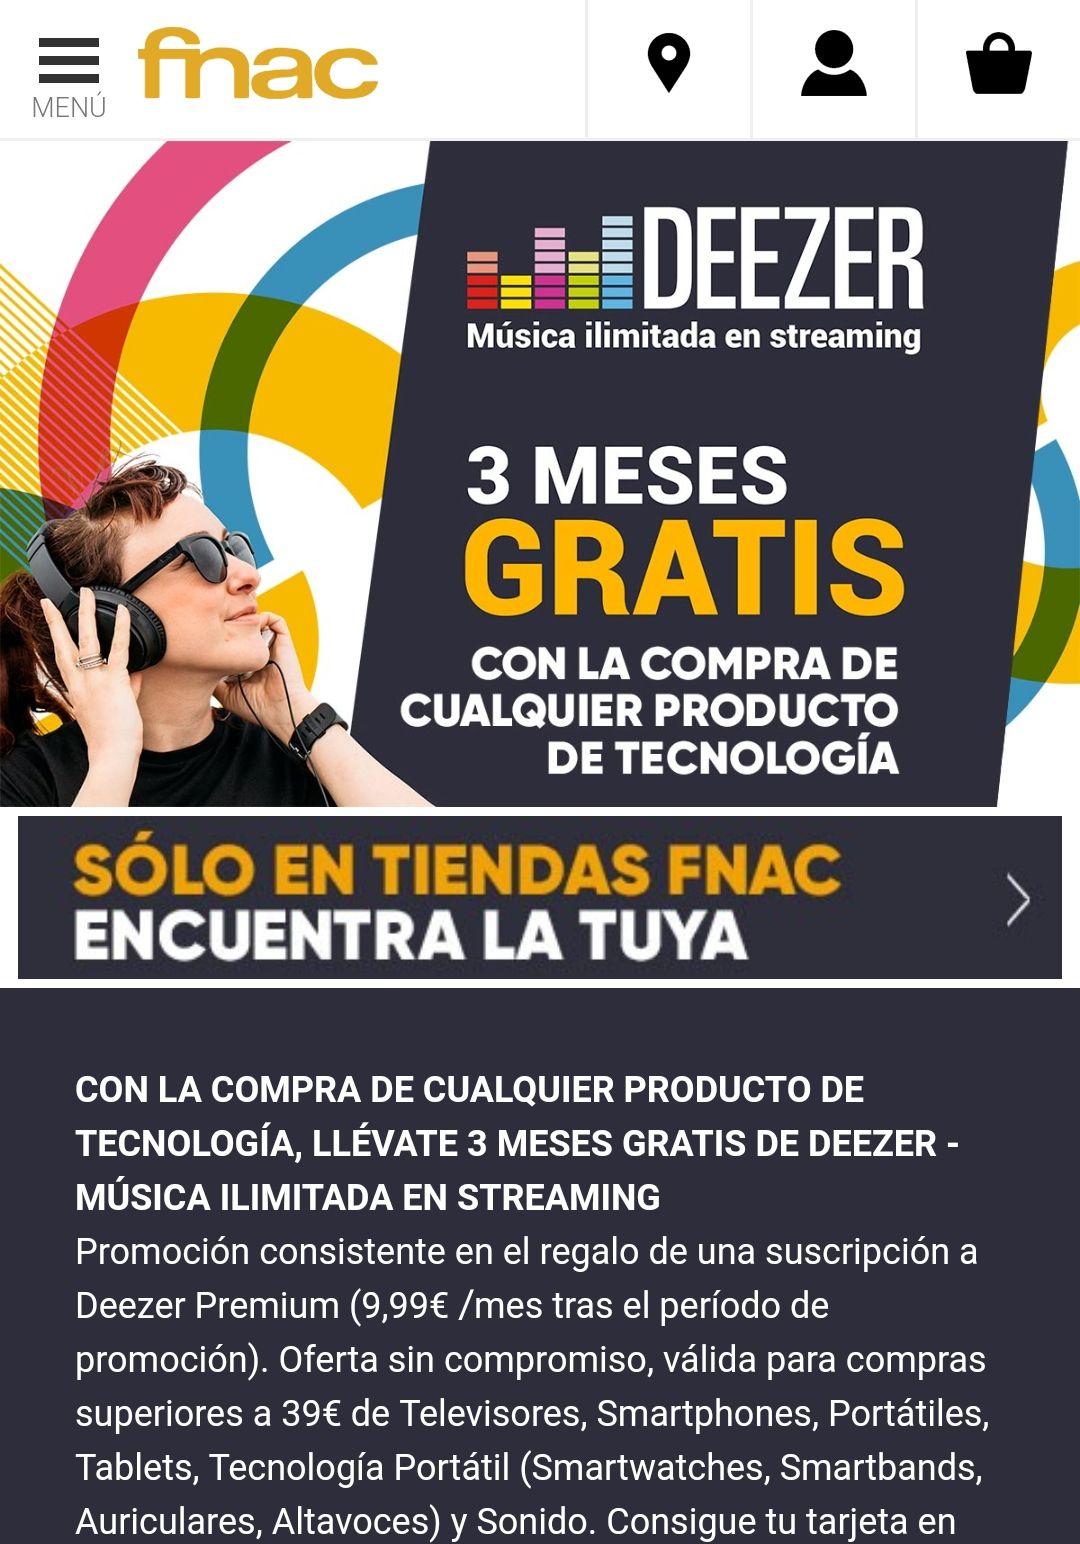 3 meses gratis música Deezer compra tecnología Fnac